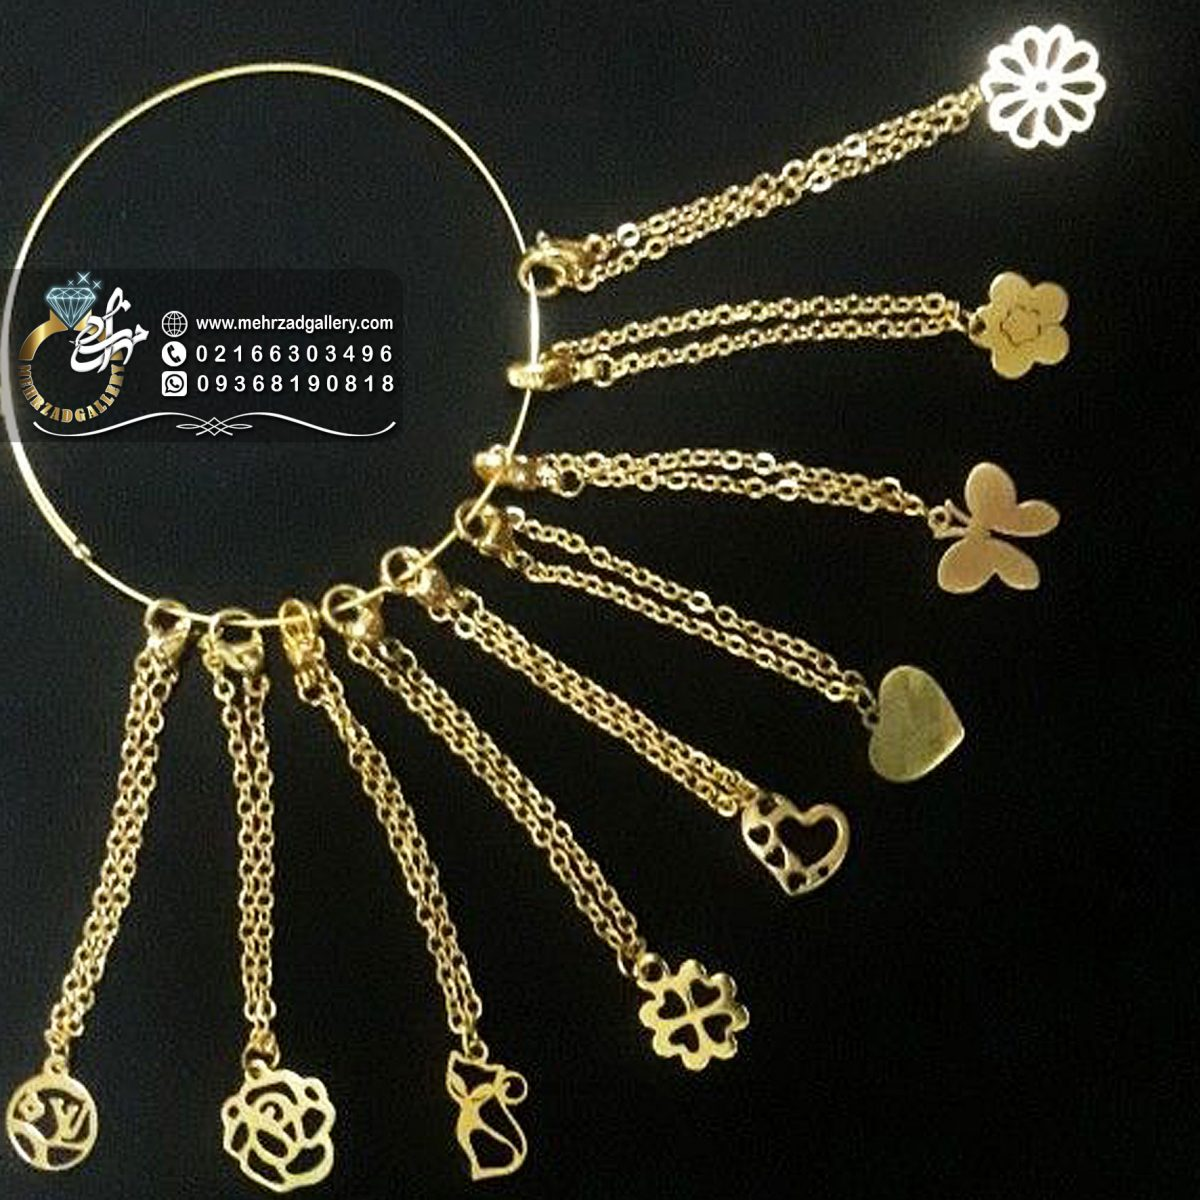 آویز ساعت طلا طرح های مختلف